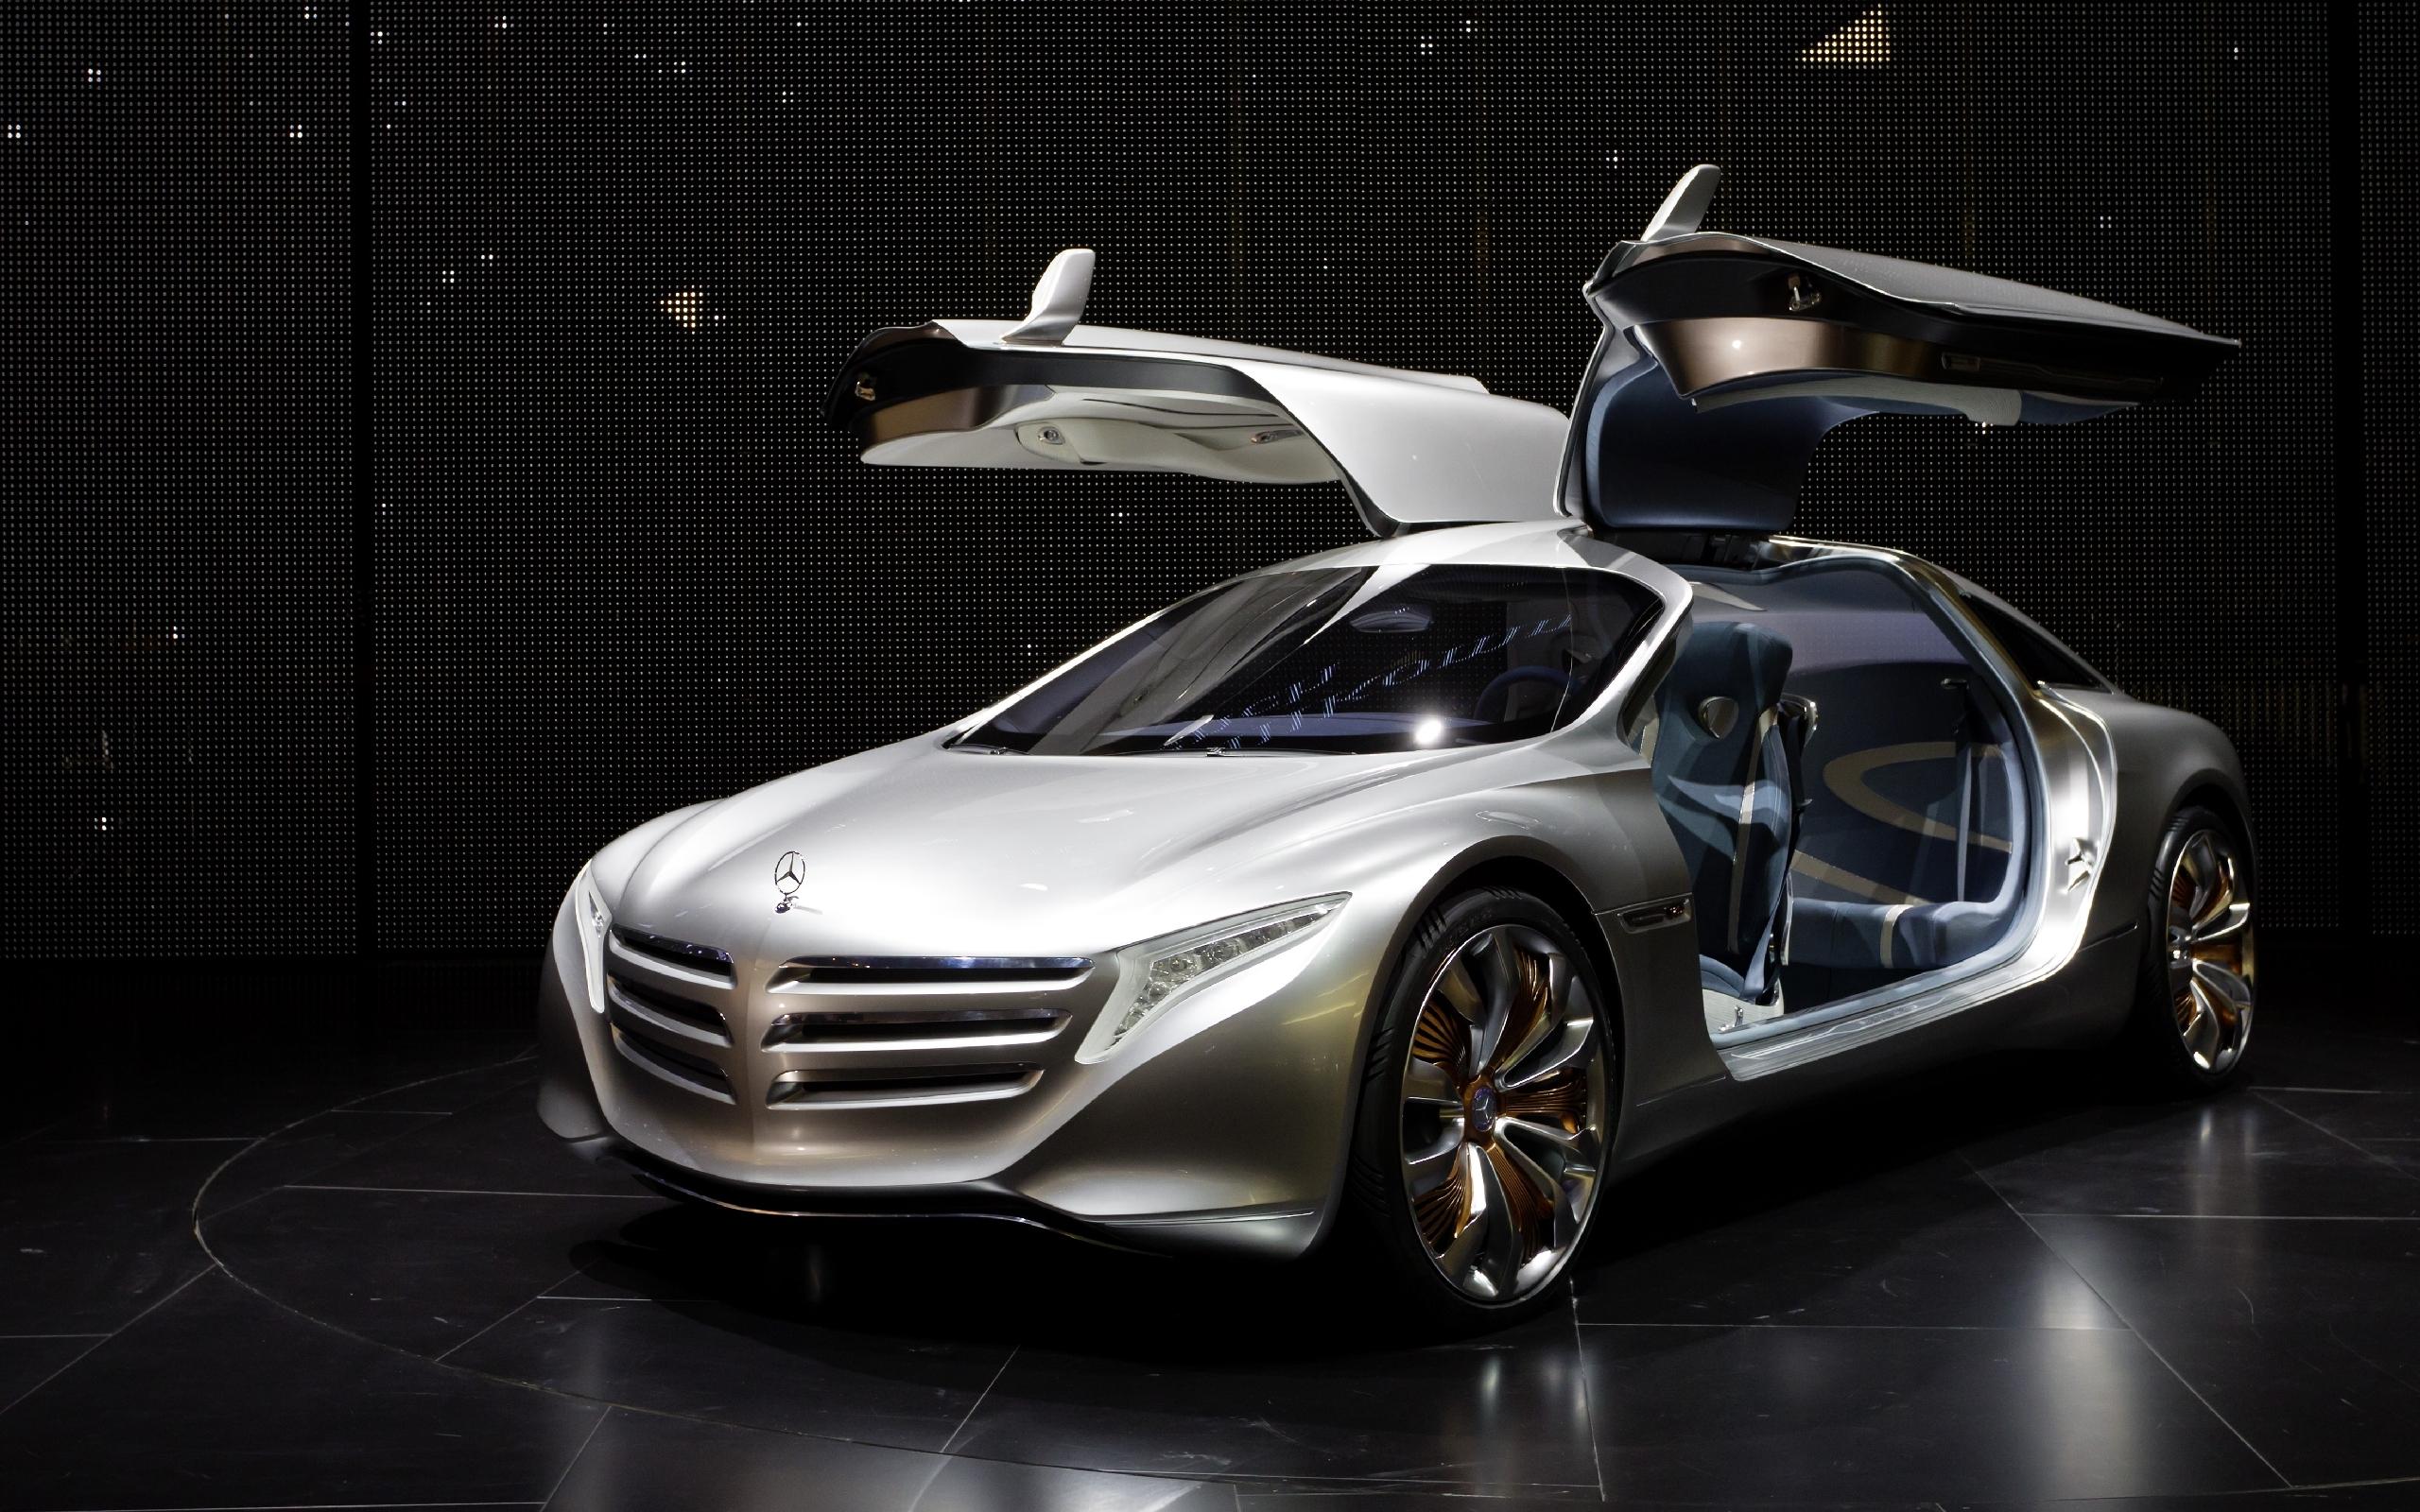 47120 скачать обои Транспорт, Машины, Мерседес (Mercedes) - заставки и картинки бесплатно